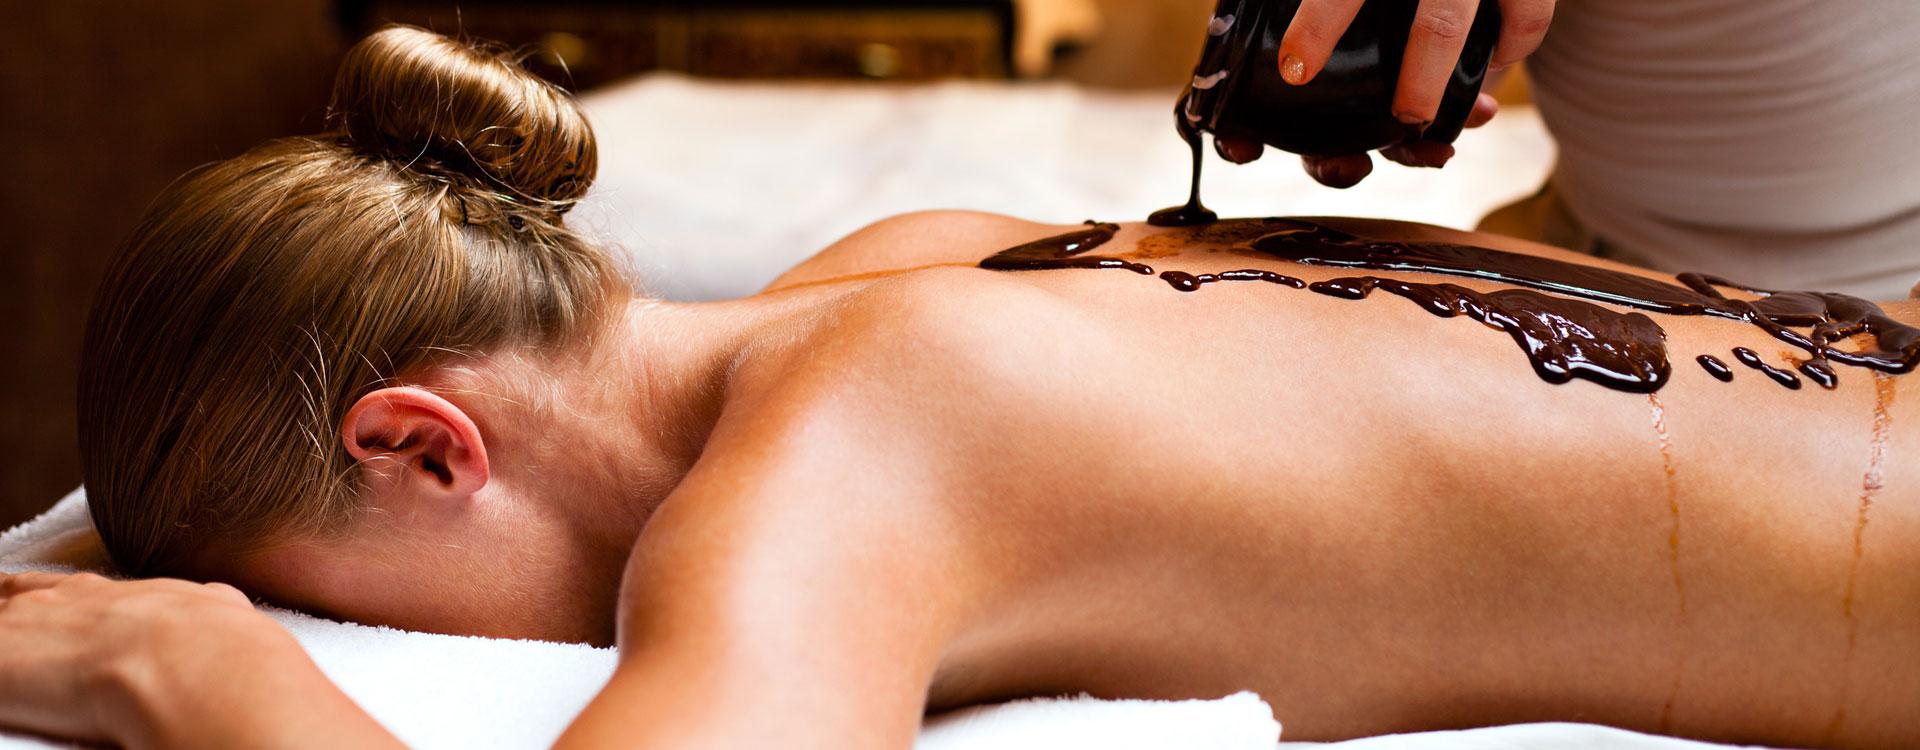 masaze masaza oglasi masaza beograd masaza novi sad masaža oglasi